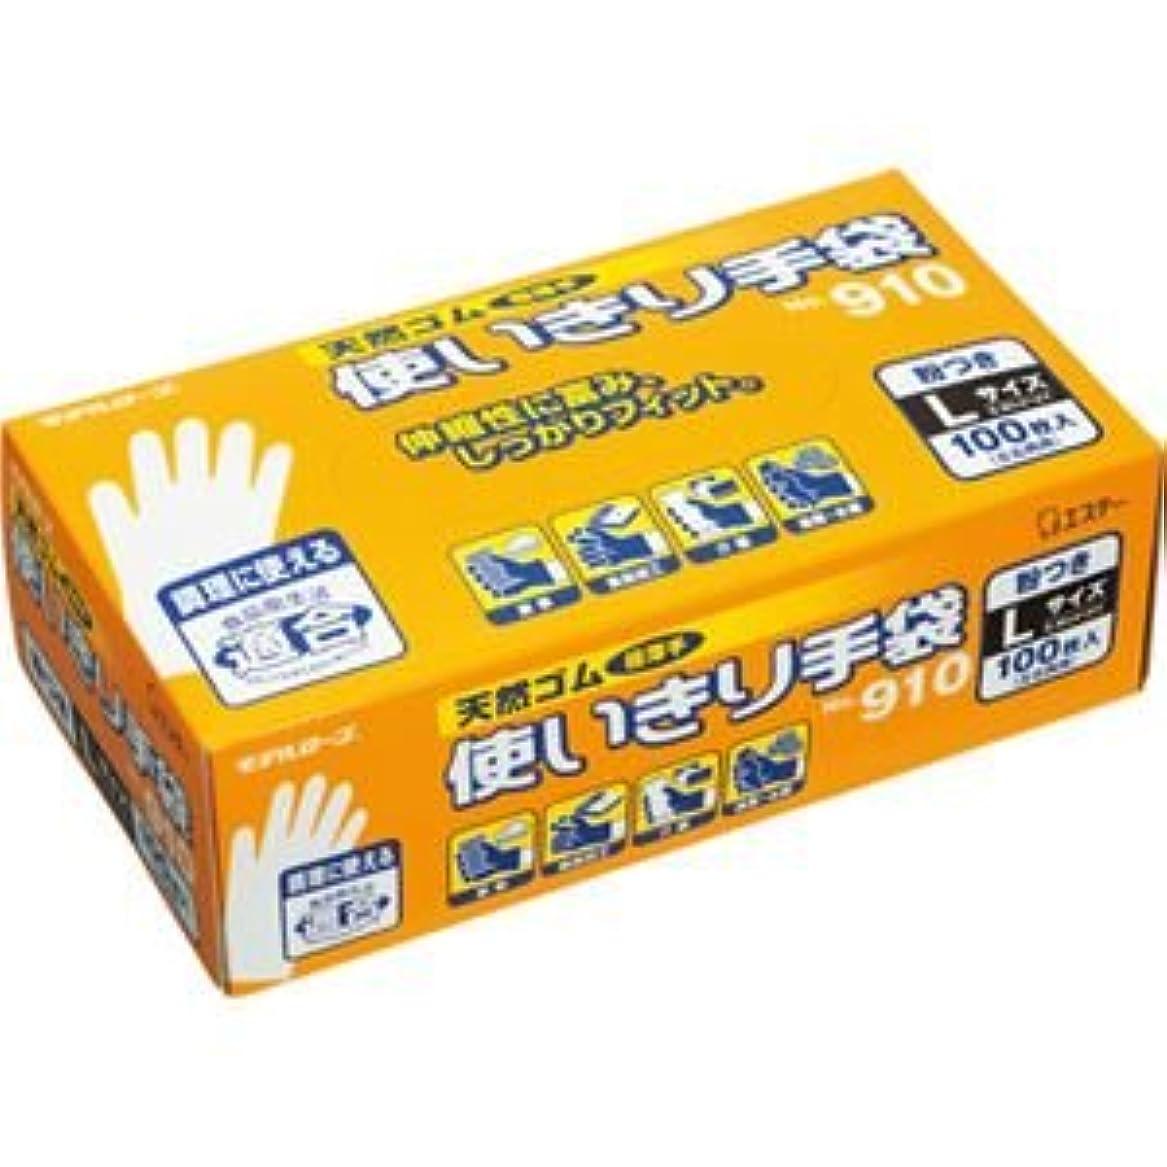 ハンマー到着する引数(まとめ) エステー No.910 天然ゴム使いきり手袋(粉付) L 1箱(100枚) 【×5セット